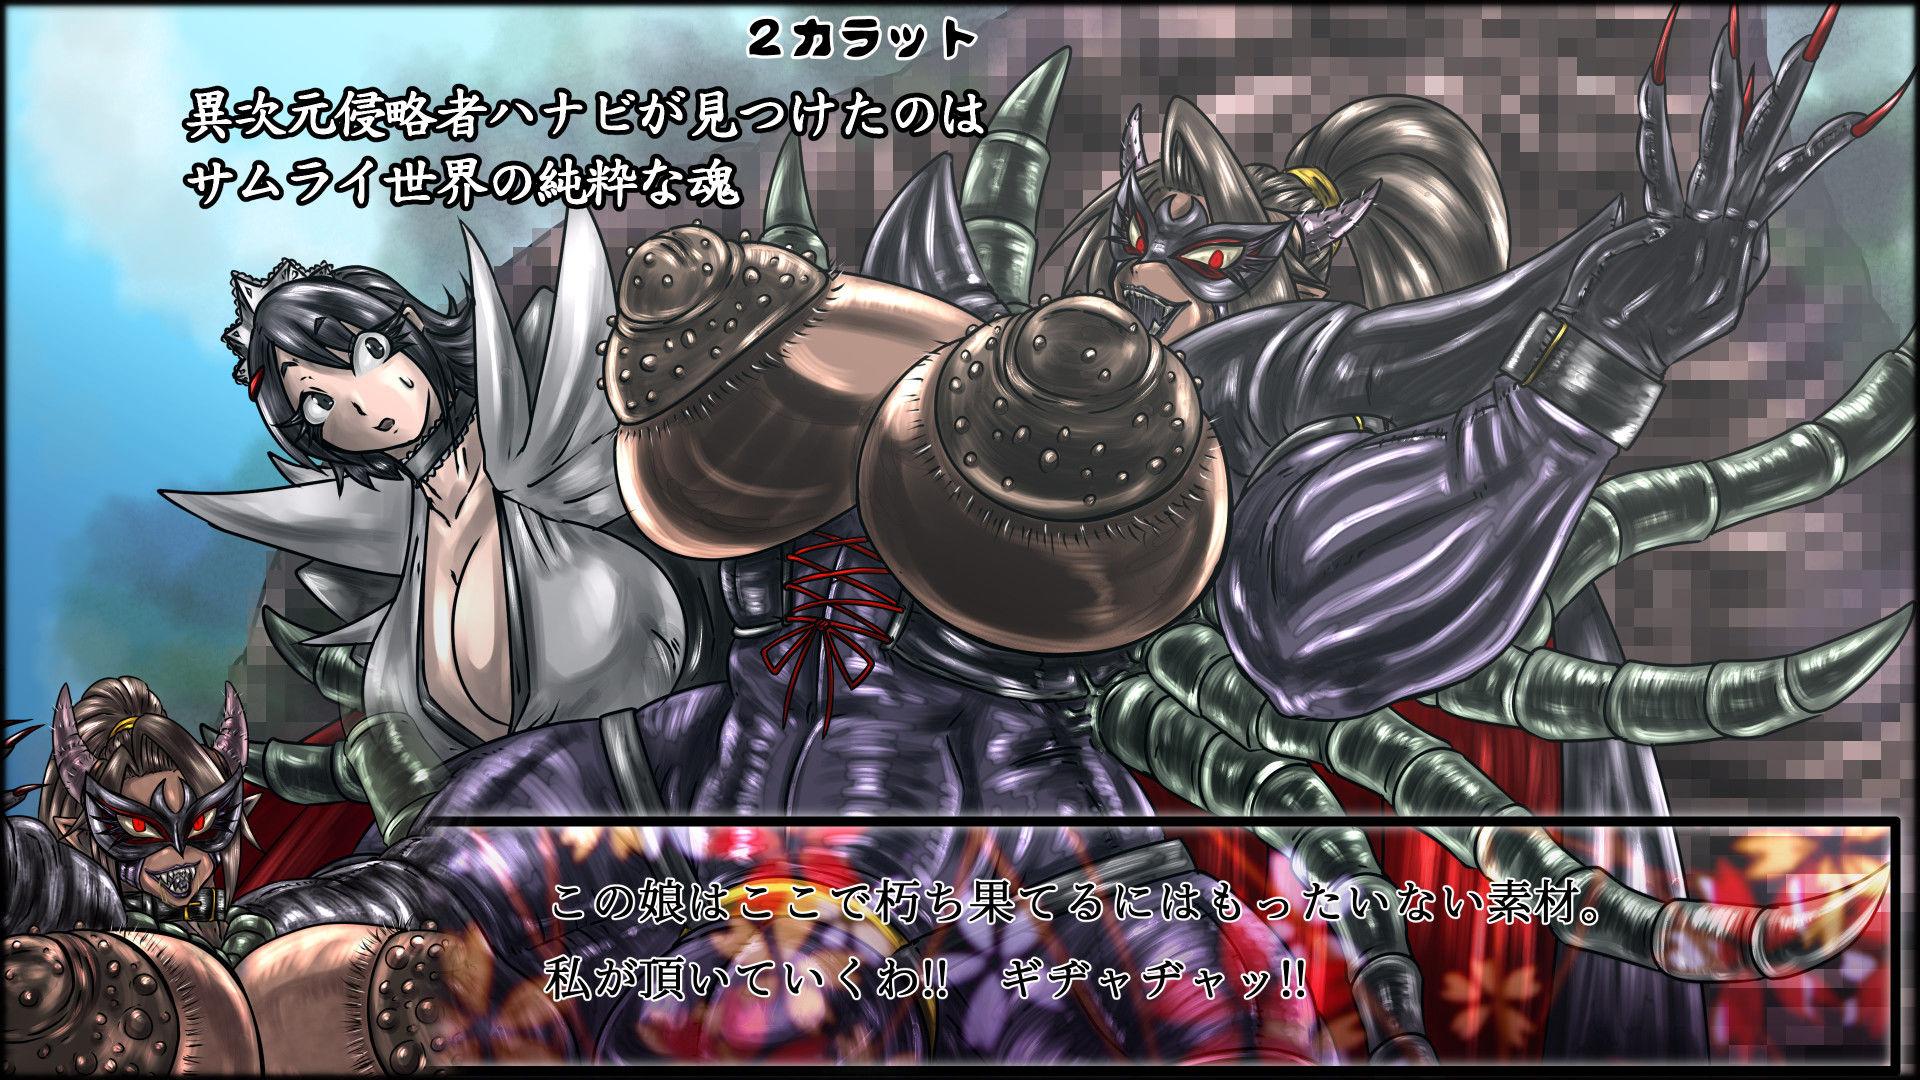 【サムライスピリッツ 同人】魔化腐蝕姫2